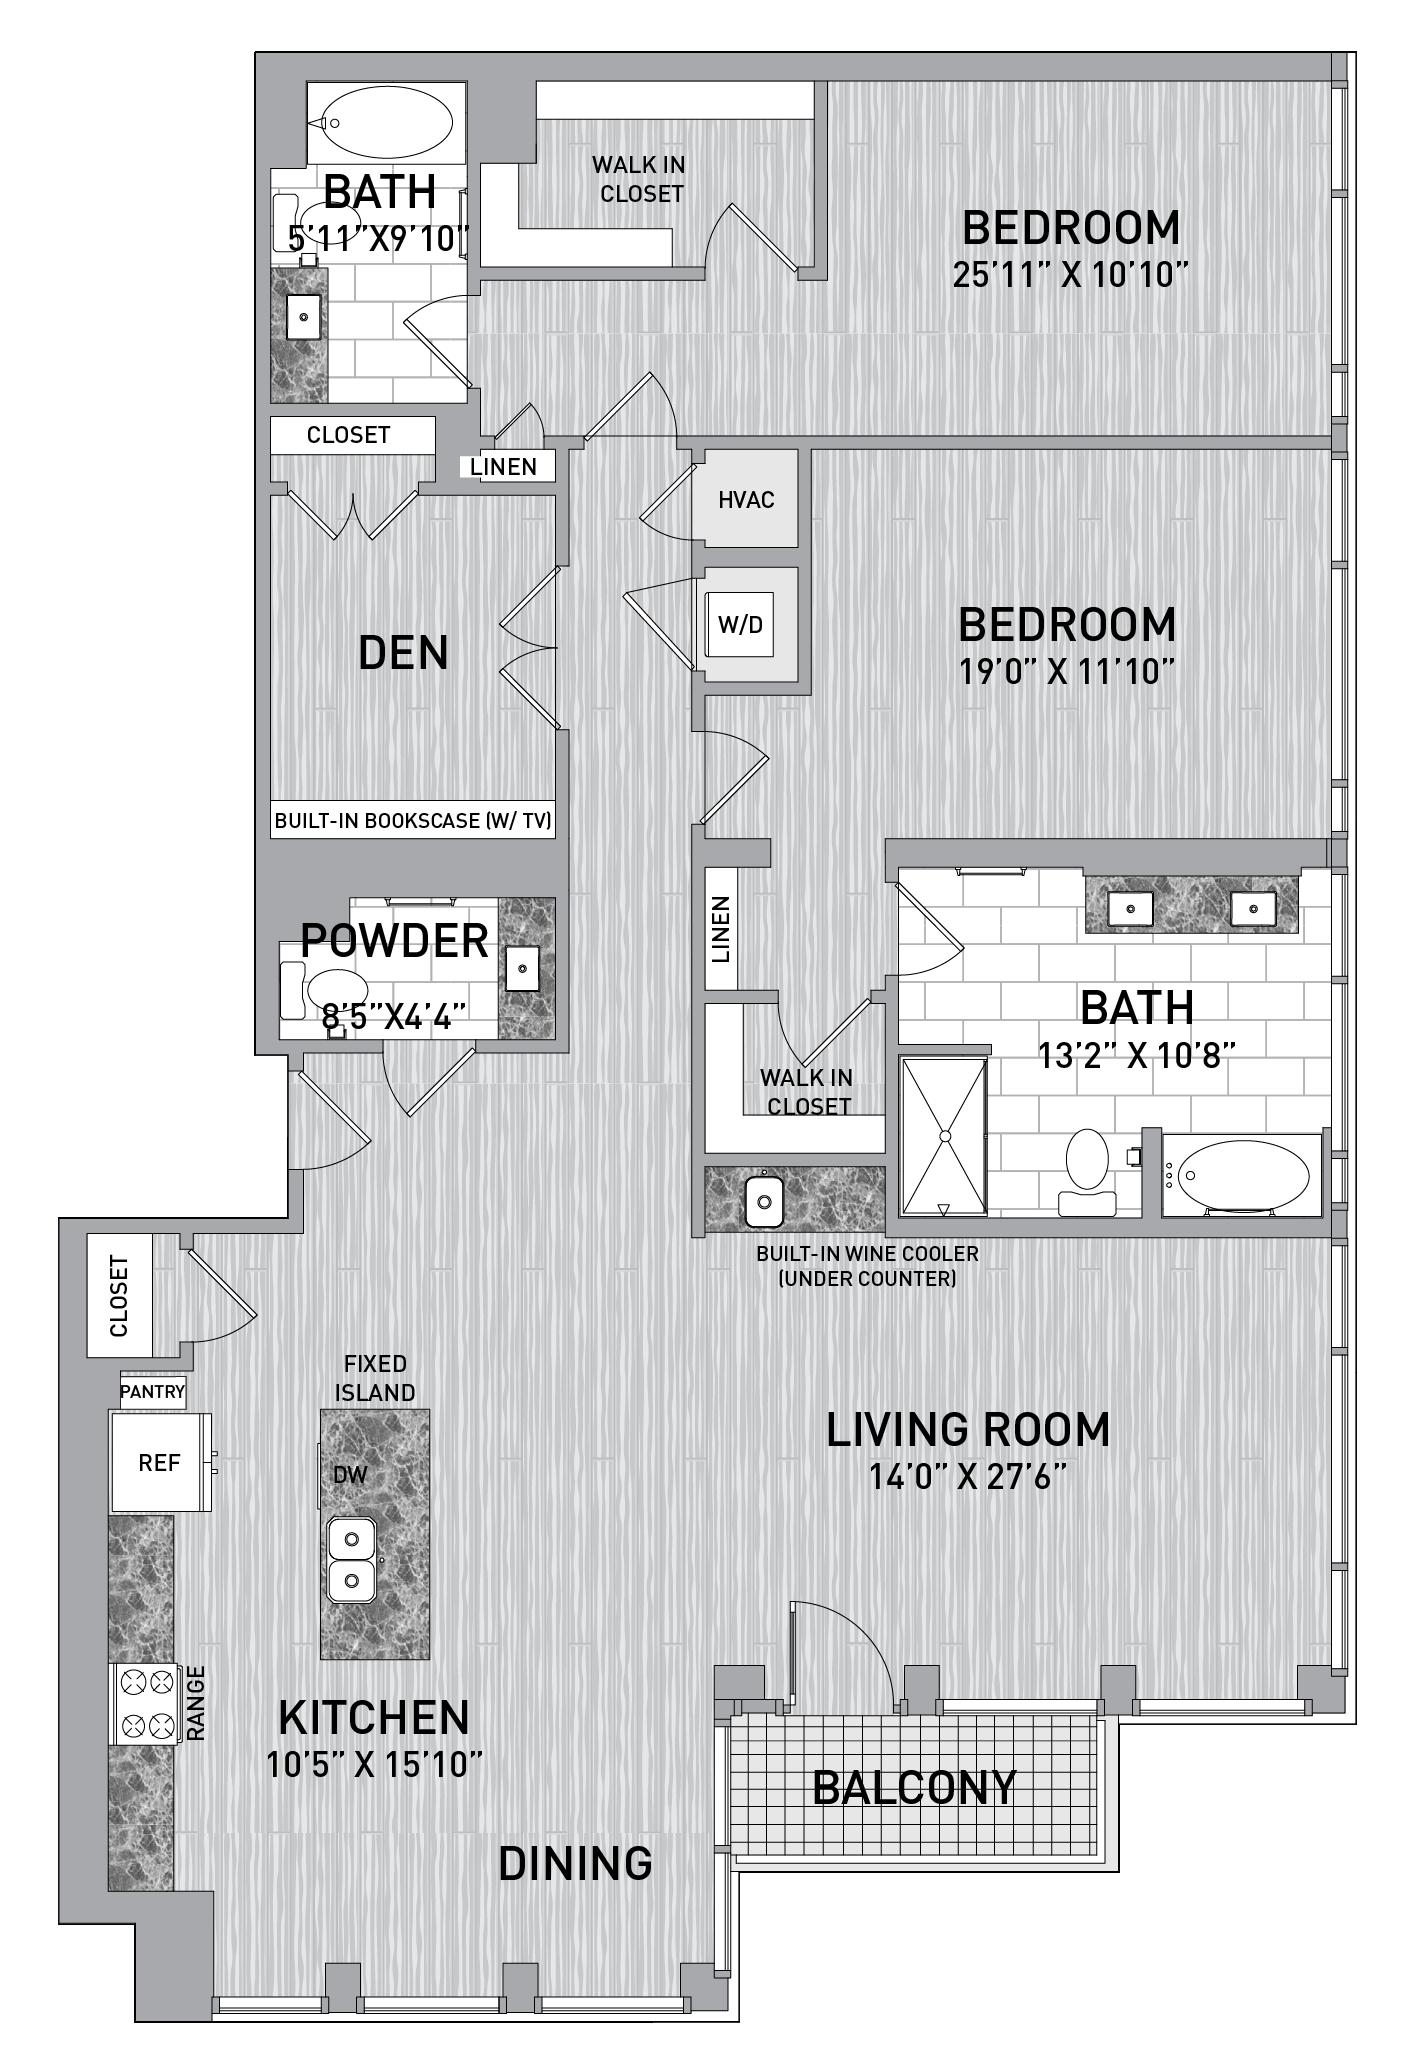 floorplan image of unit id 1001